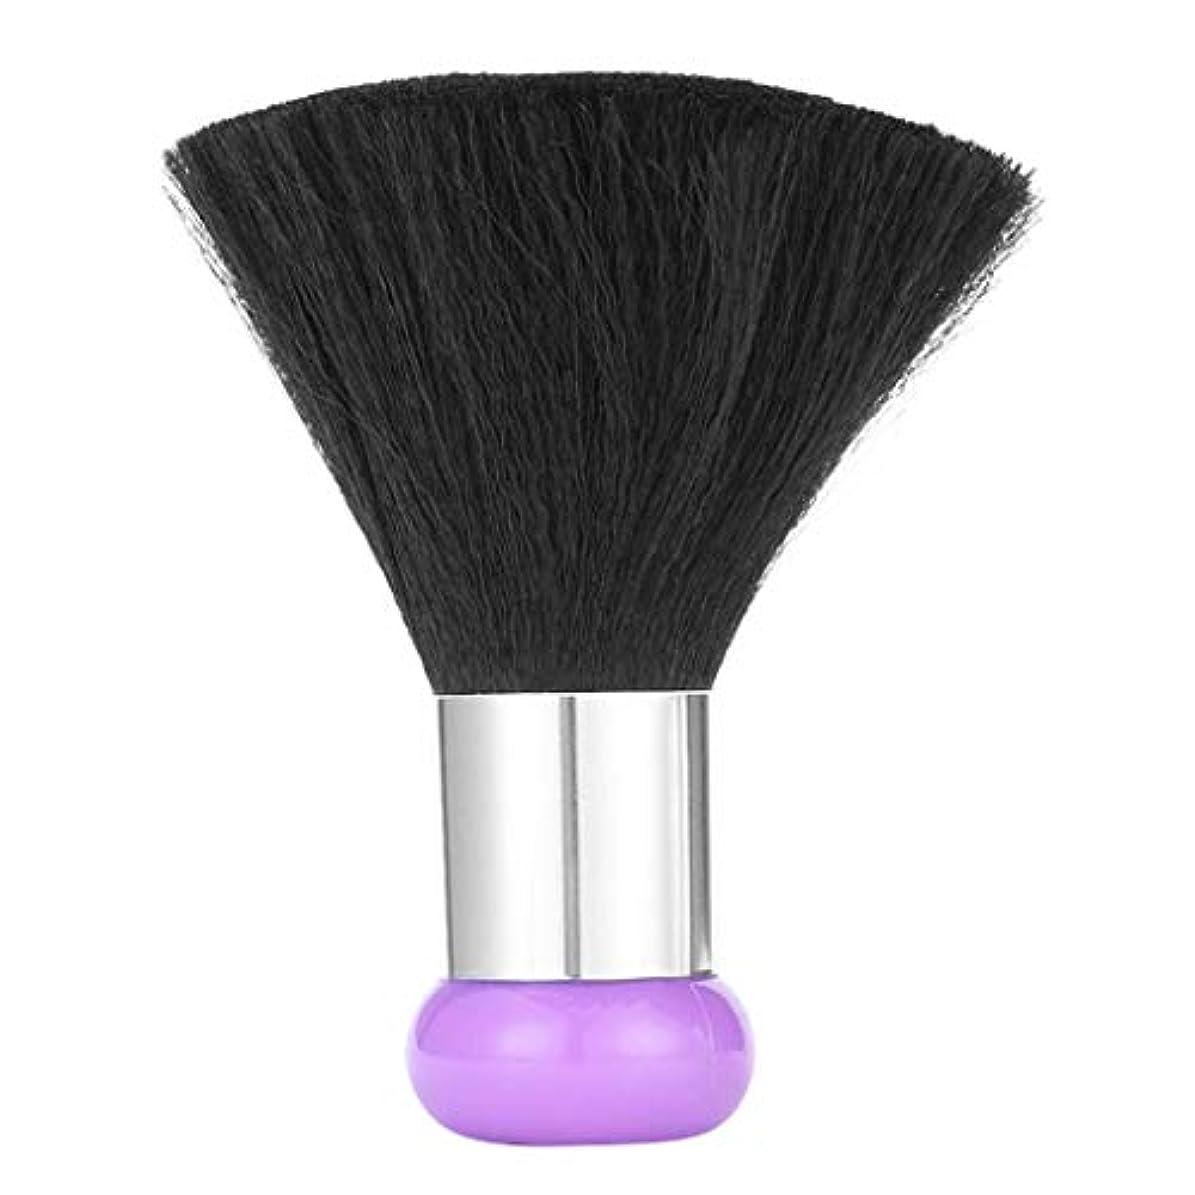 ブラウズ安全性パックネックダスターブラシ ヘアカット ヘアブラシ クリーナー プロ 美容院 サロン 2色選べ - 紫